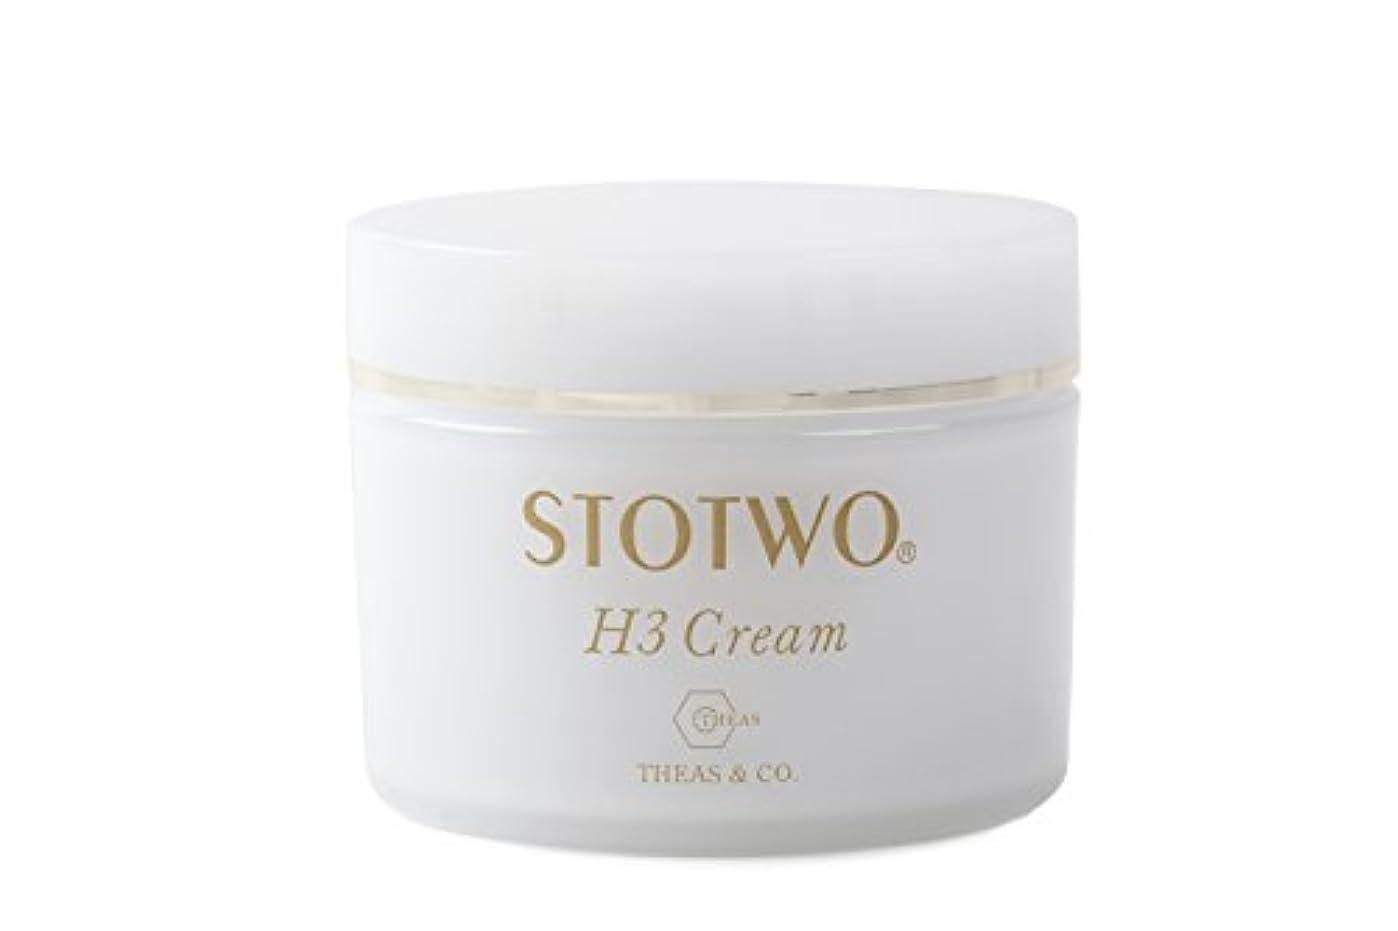 我慢する液化する優れましたストツ(STOTWO)H3 クリームヒアルロン酸 25g